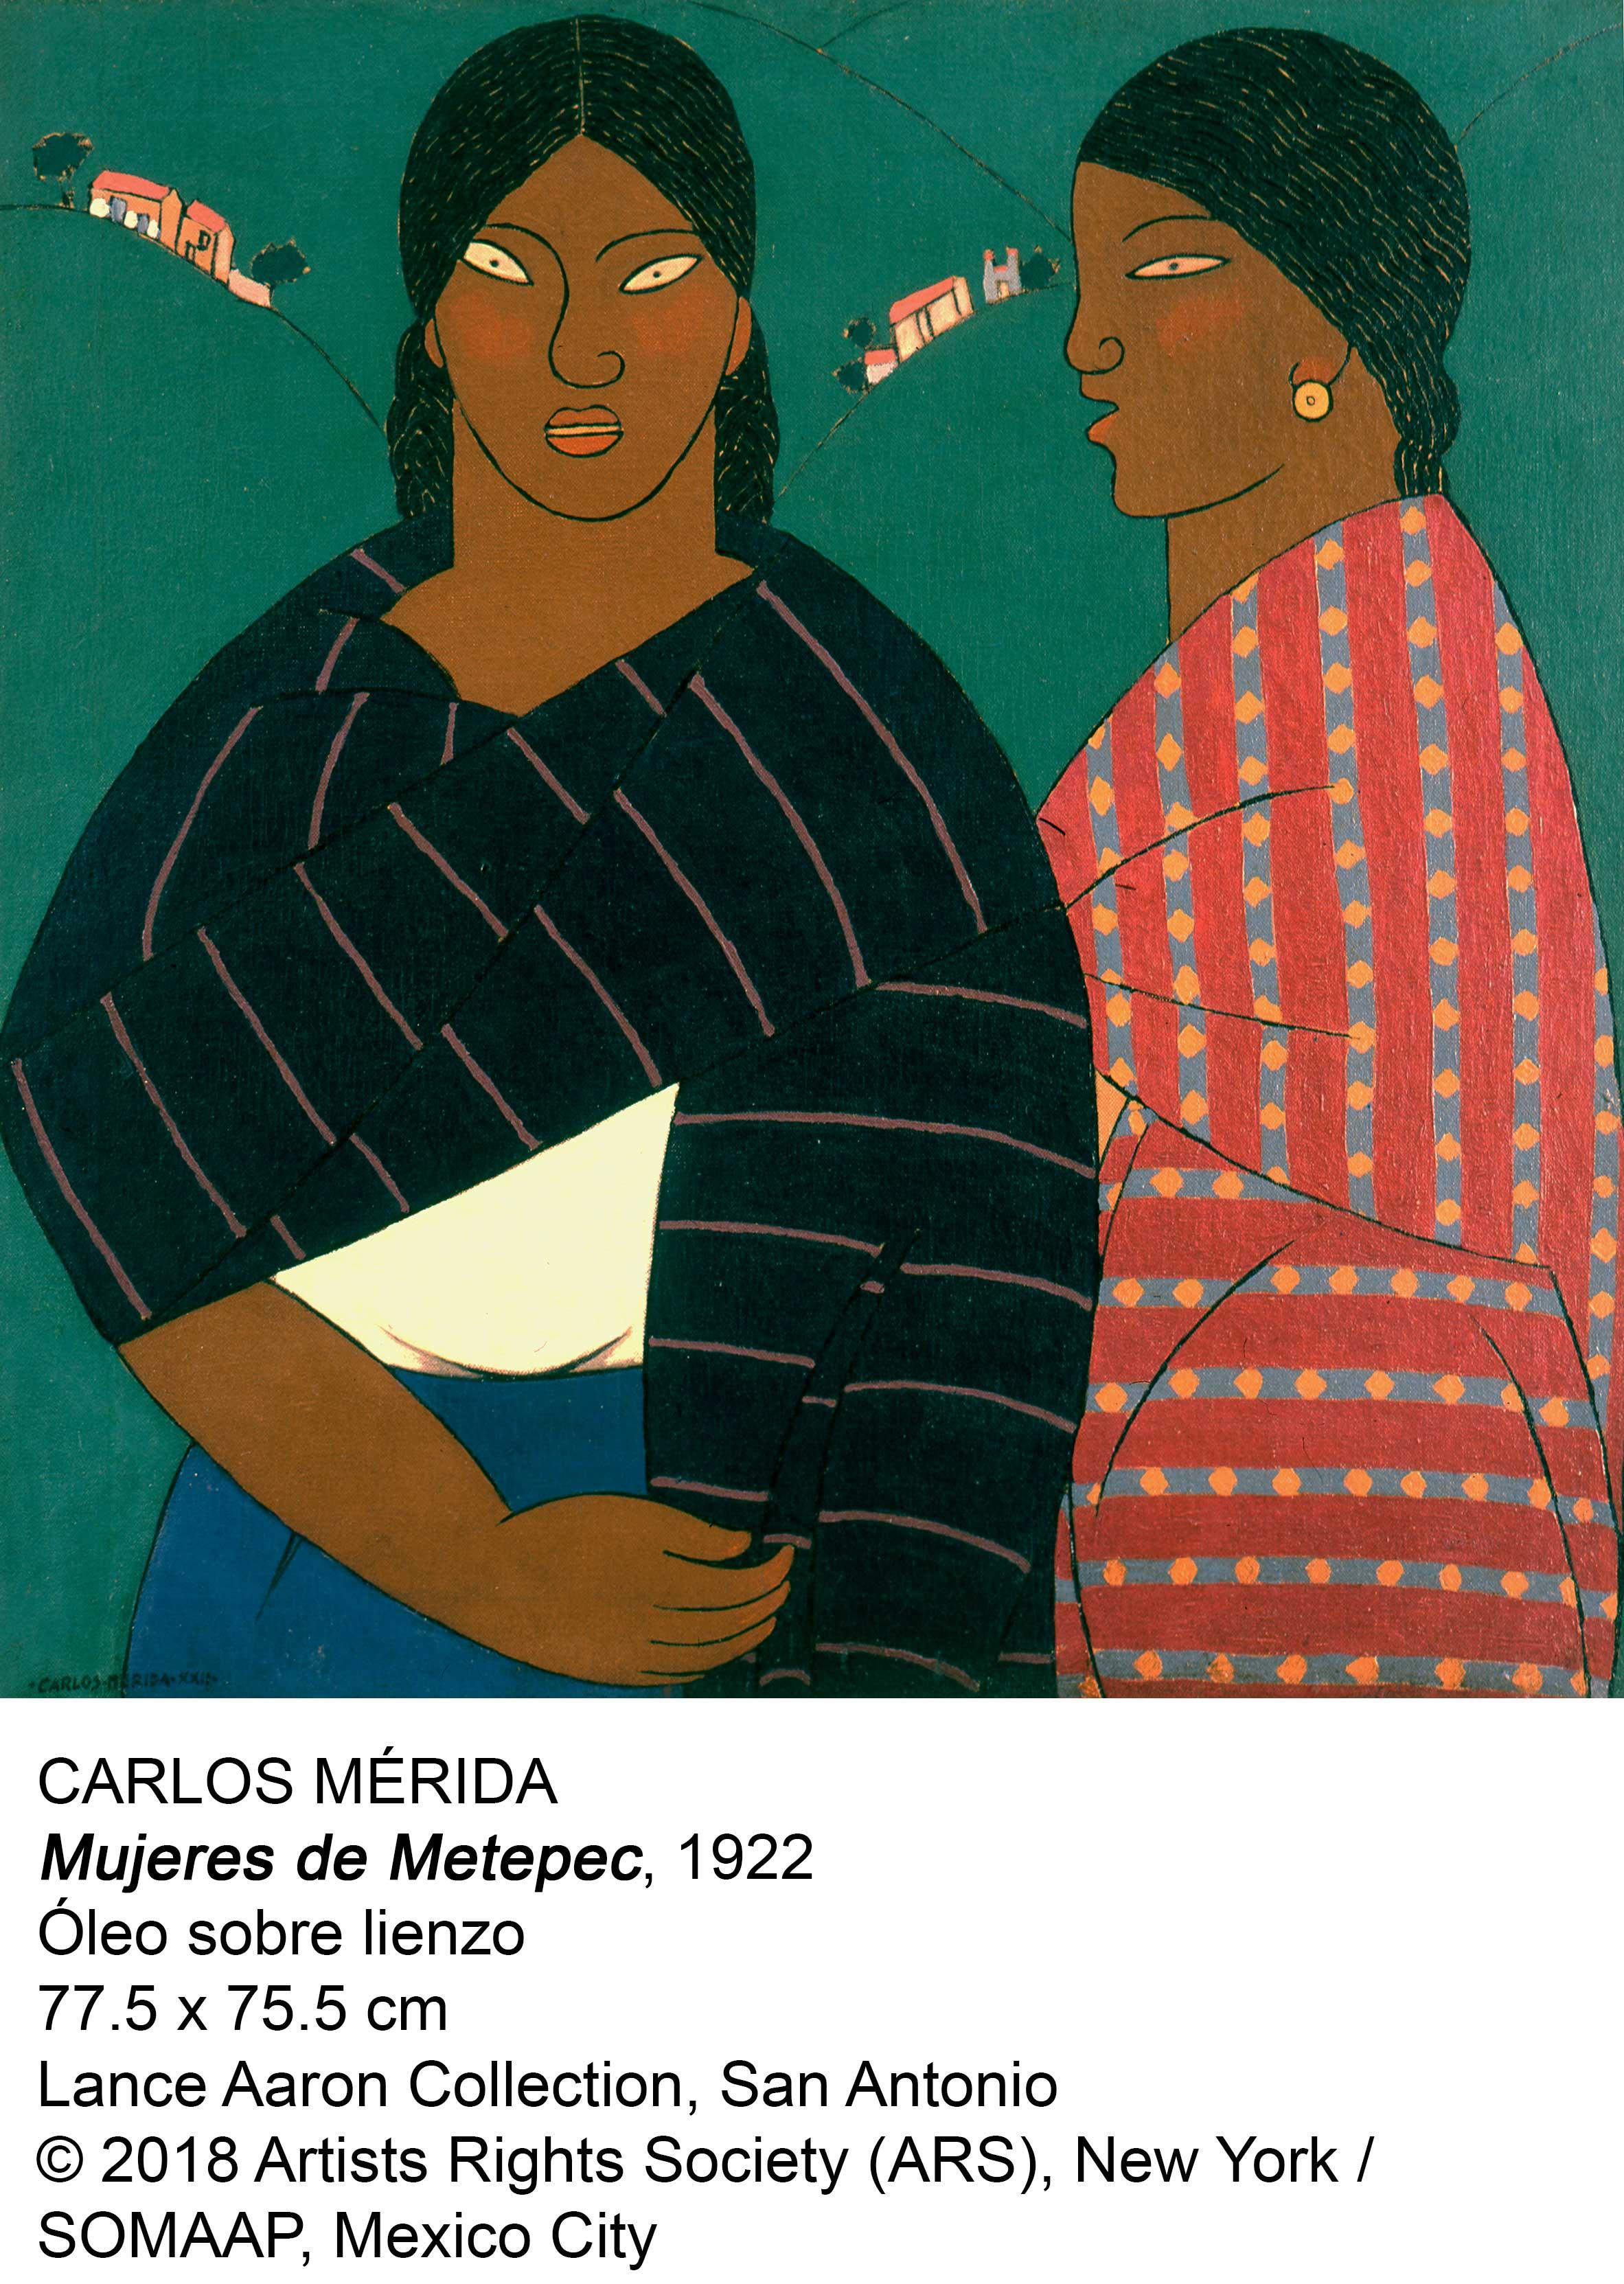 Mujeres de Metepec (1922) - Carlos Mérida